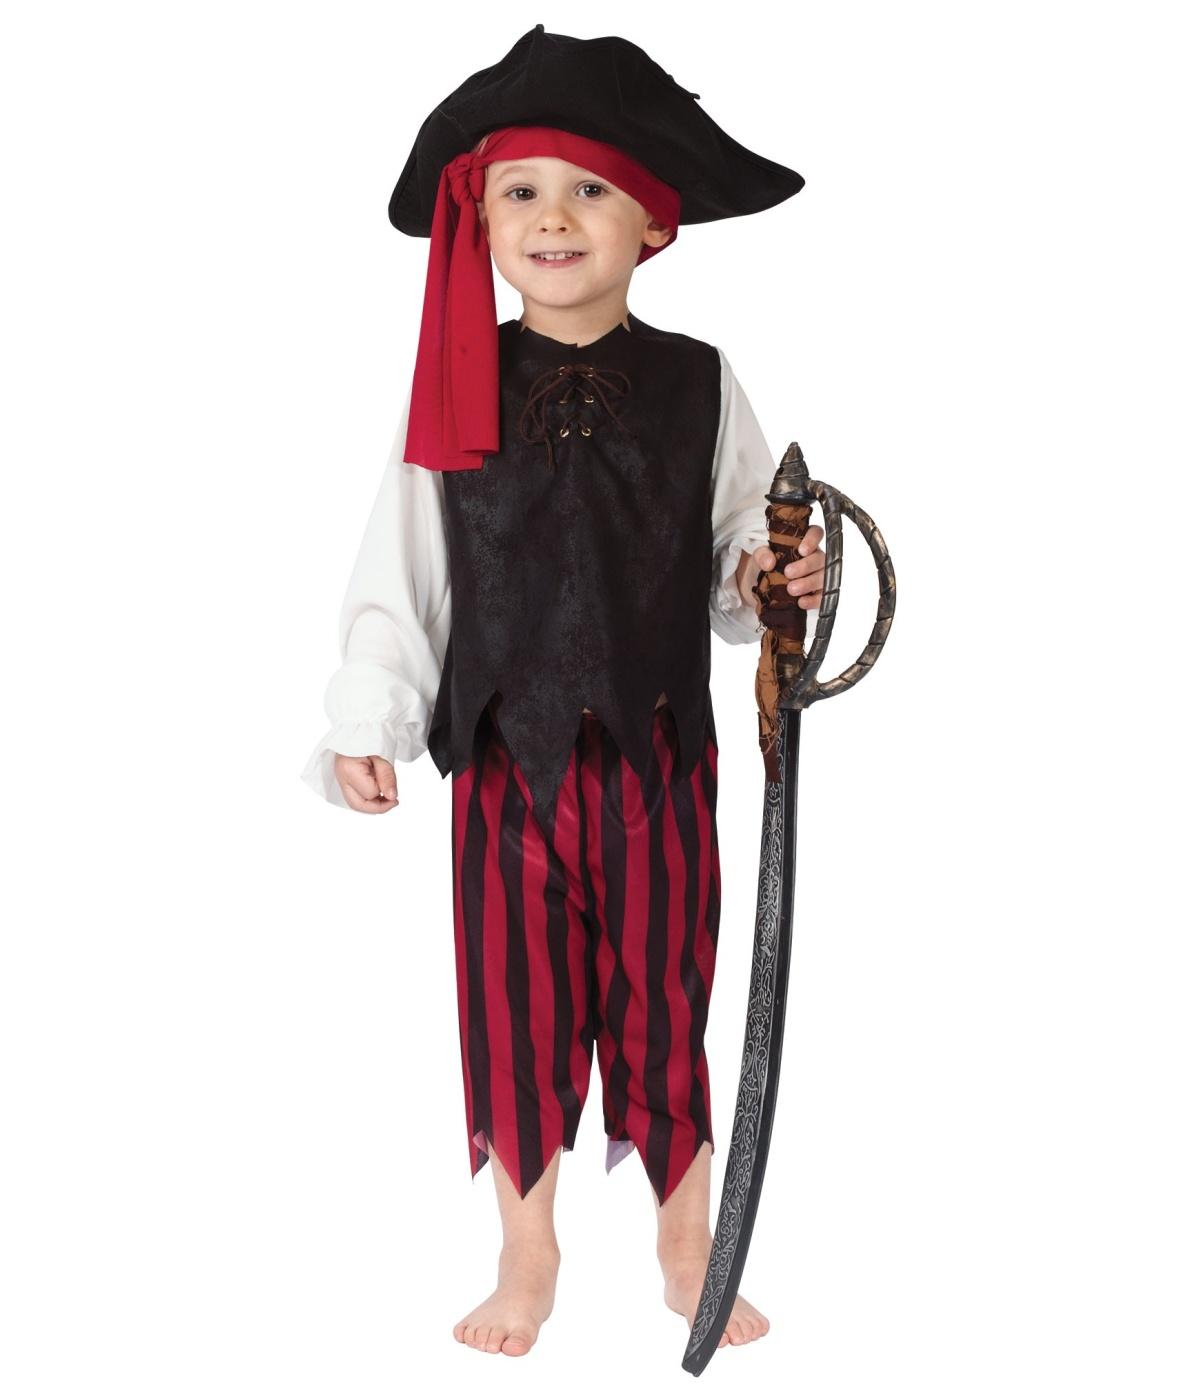 Новогодний костюм пирата своими руками для мальчика фото